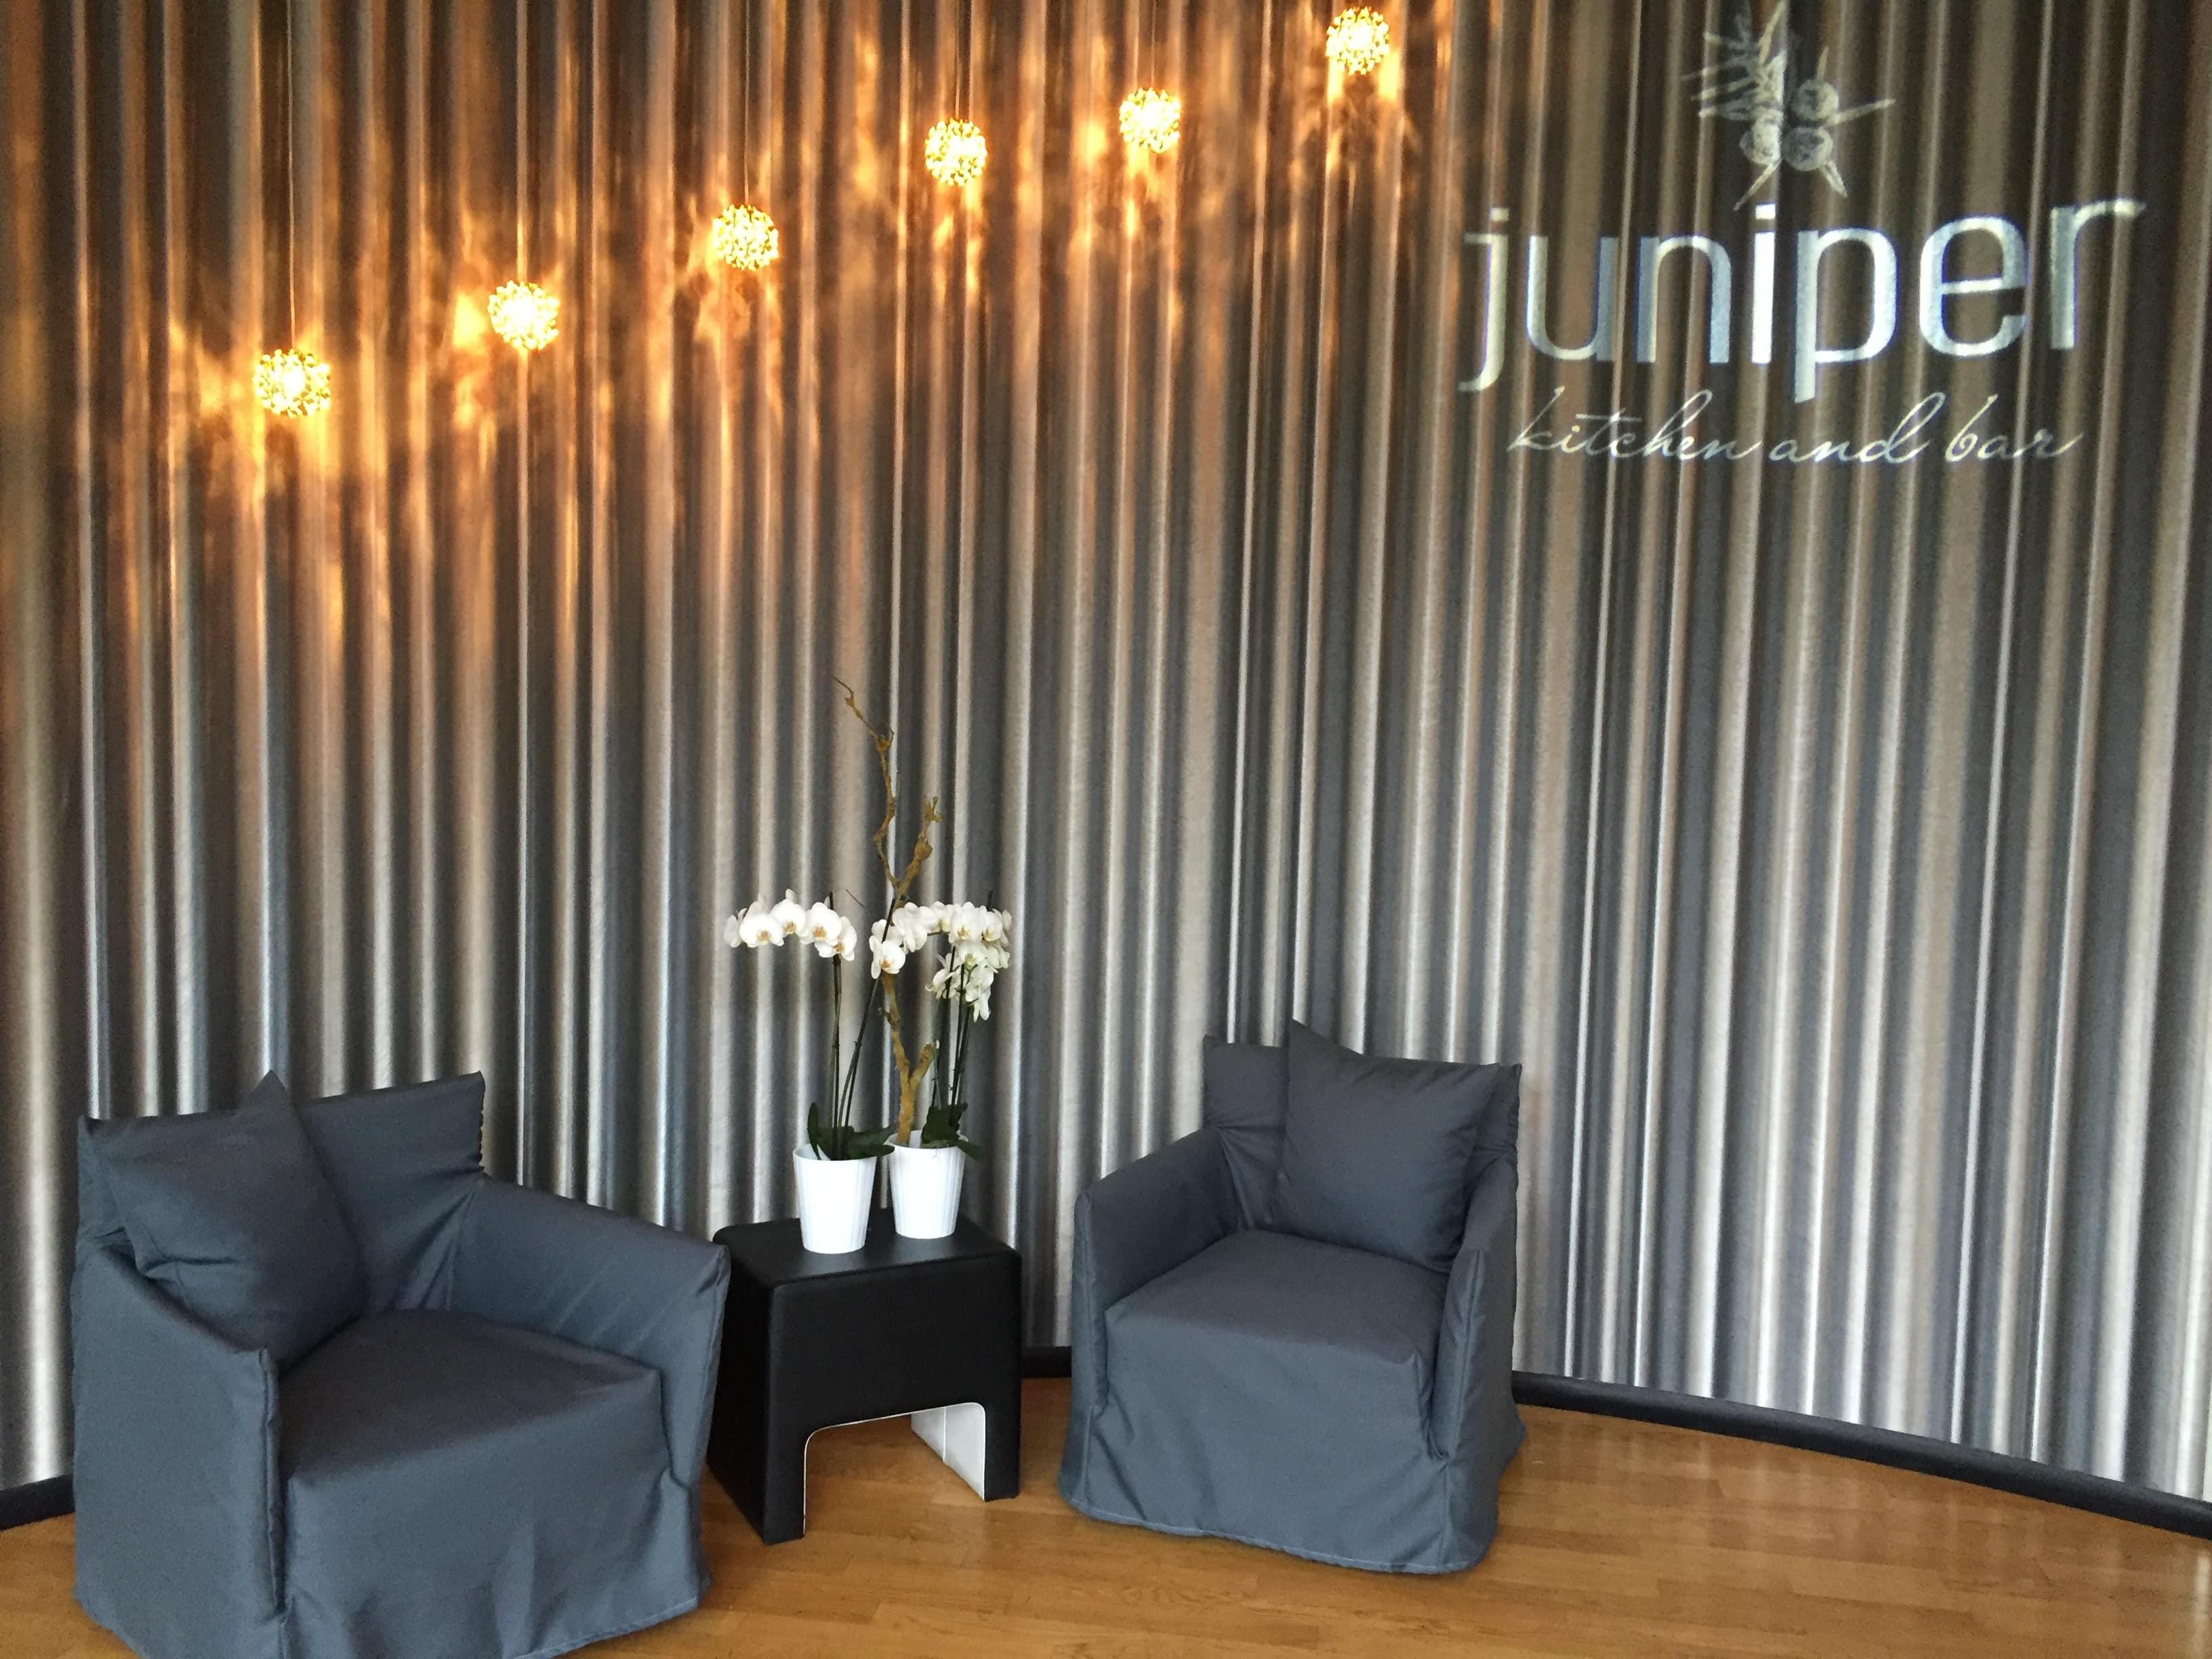 Juniper Kitchen And Bar Berlin